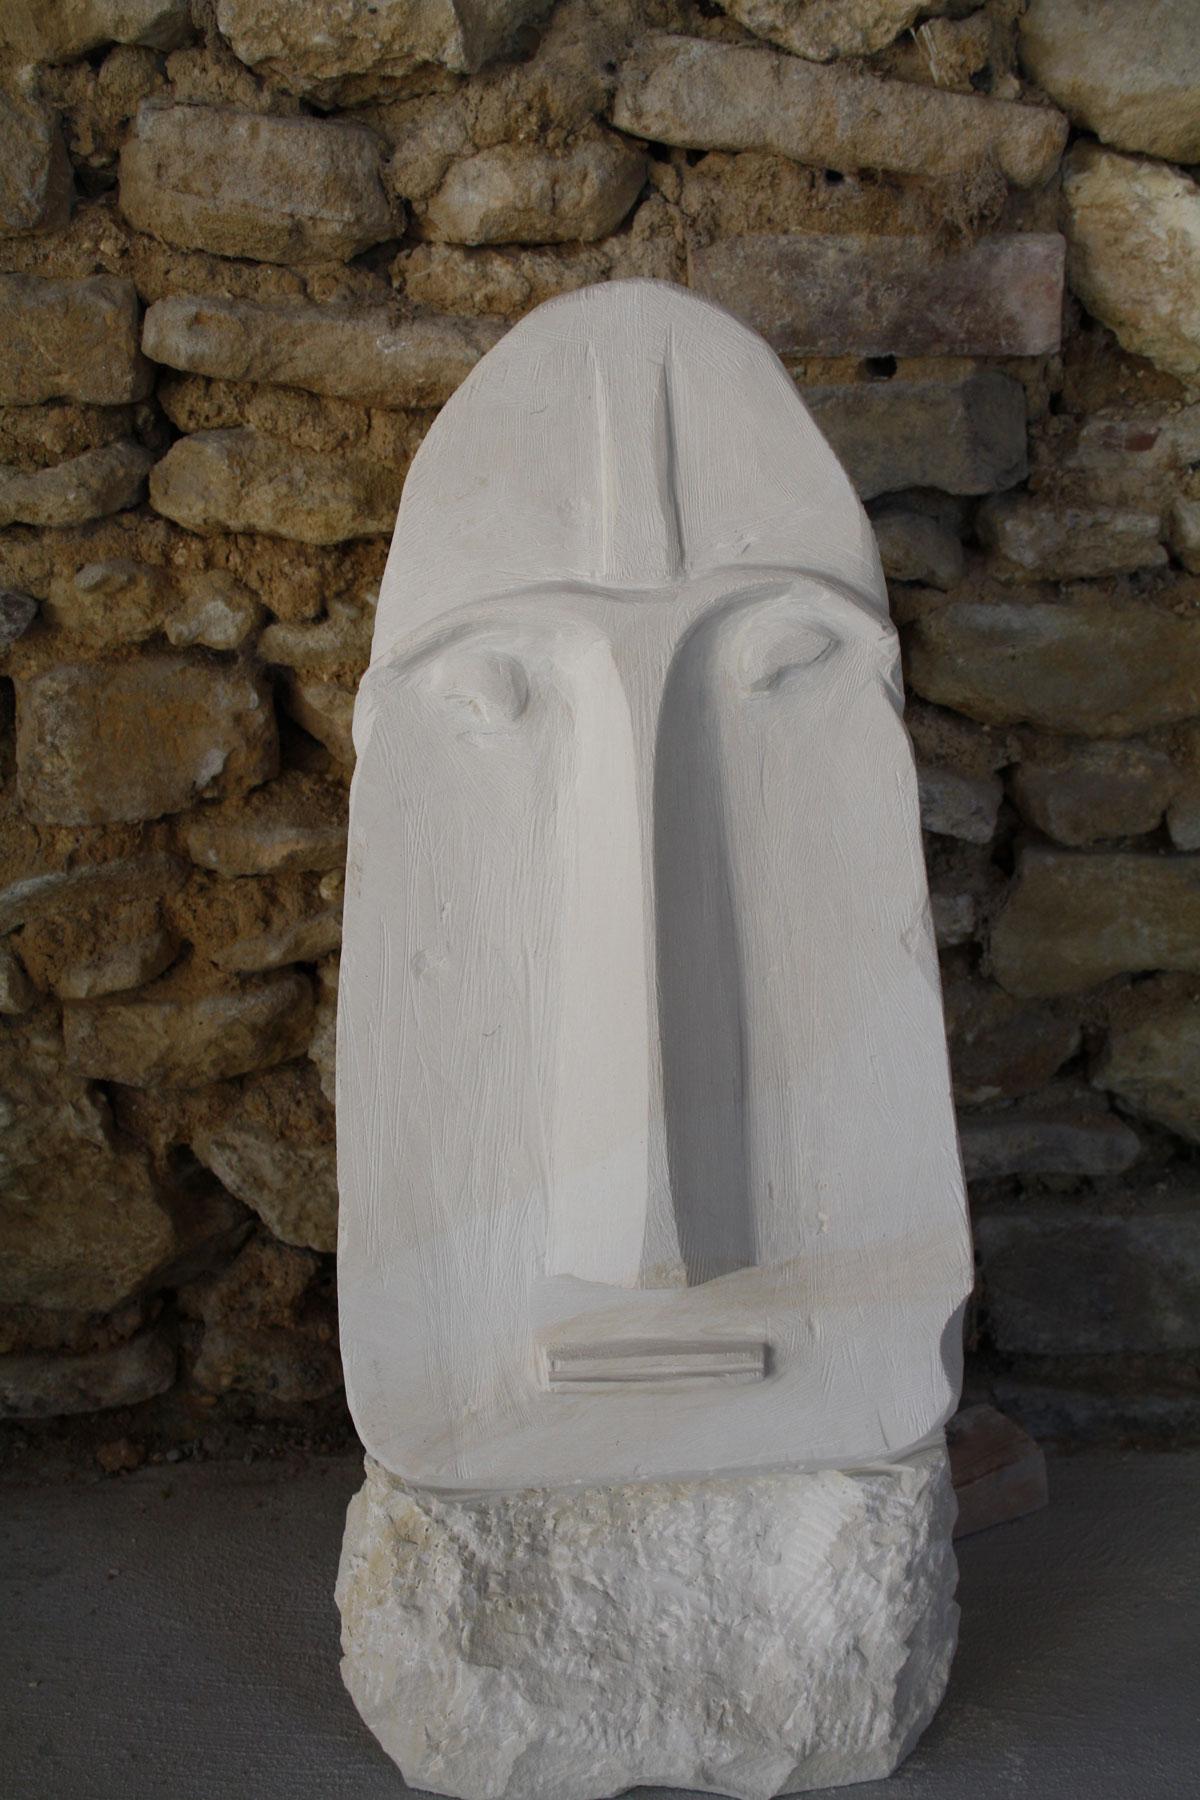 3. IMG 6688 SETTIMANA MAGICA   laboratorio di scultura manuale su pietra (10 17 giugno) settimana magica scultura walter zuccarini scultura su pietra corso scultura